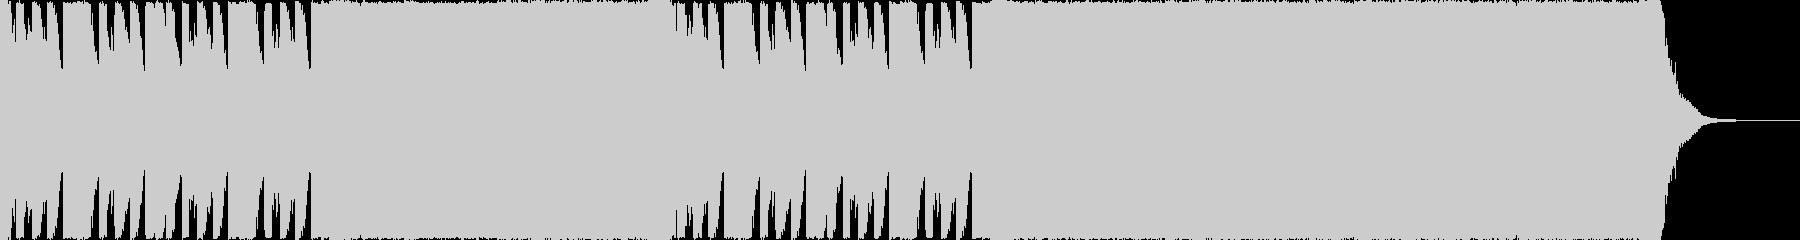 バトルシーン(オーケストラ風)2の未再生の波形